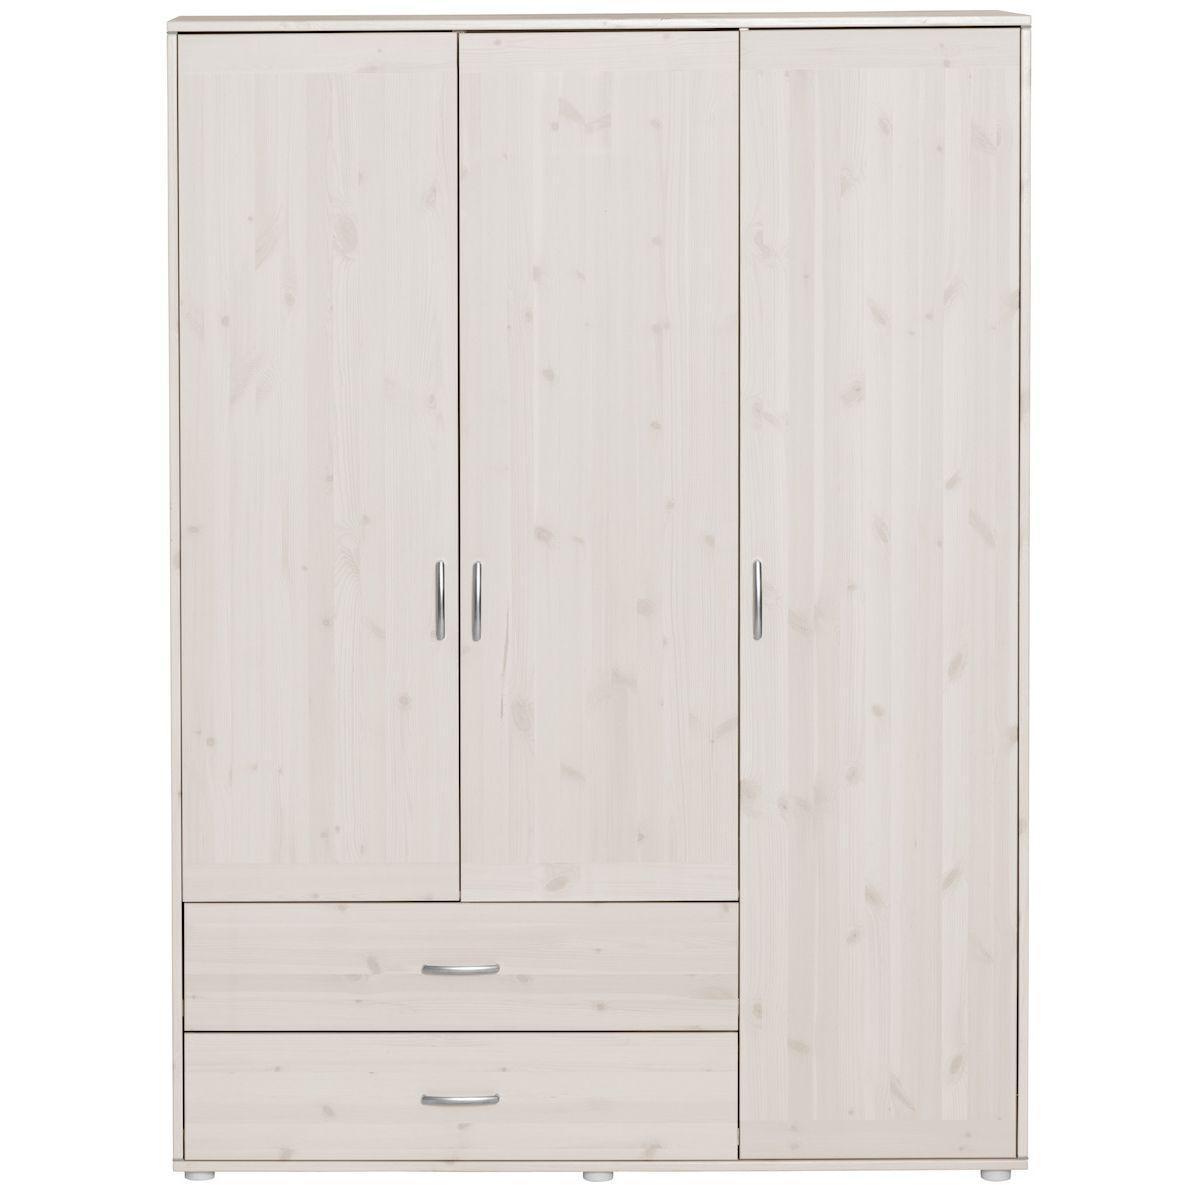 Kleiderschrank 3 Türen-2 Schubladen CLASSIC by Flexa whitewash